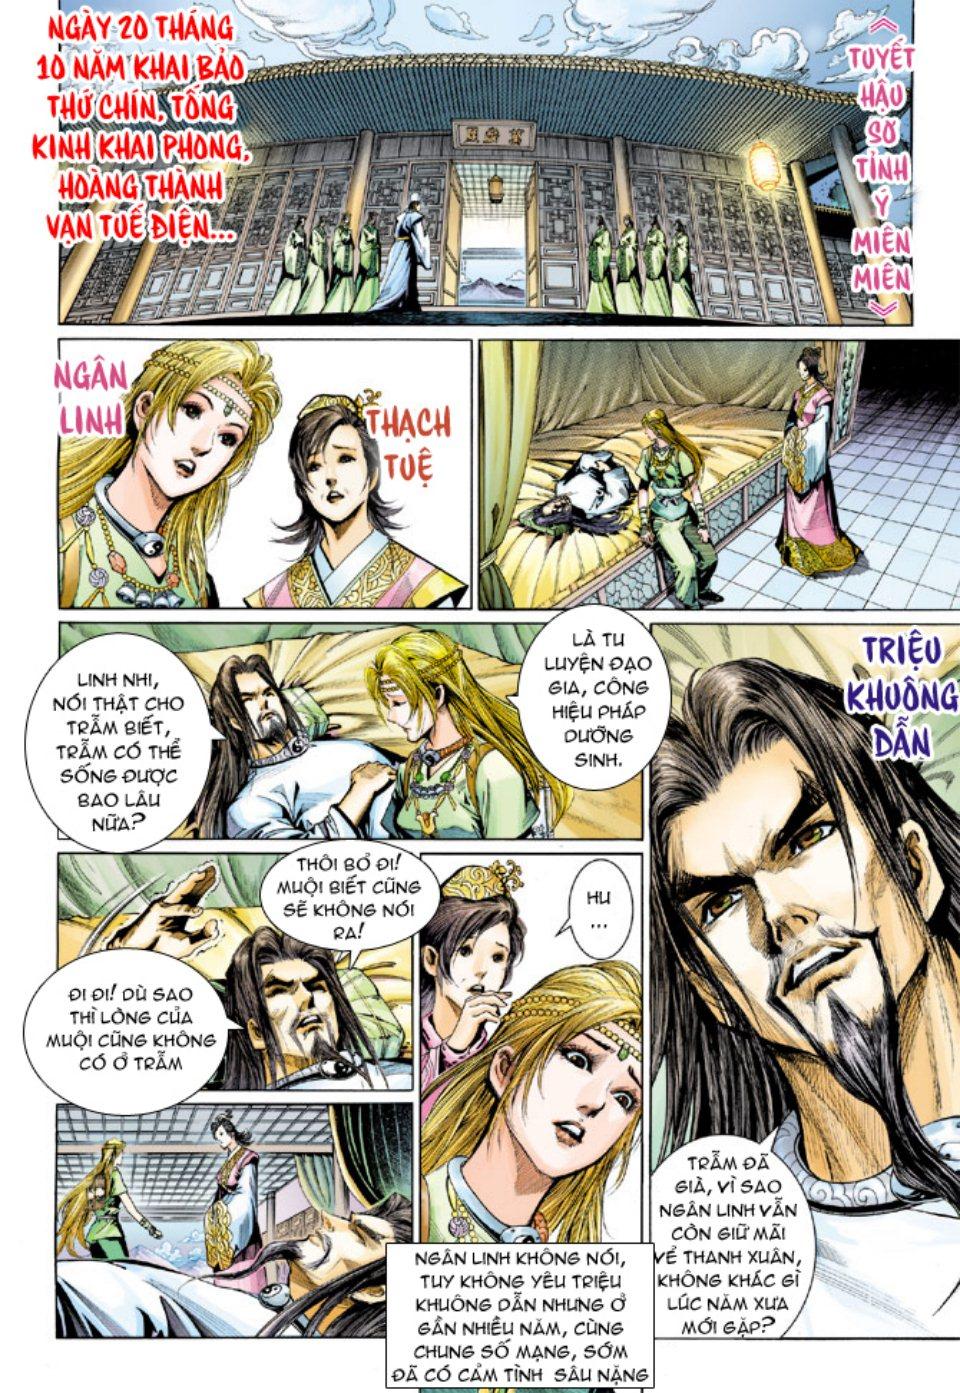 Thiên Tử Truyền Kỳ 5 - Như Lai Thần Chưởng chap 214 - Trang 29